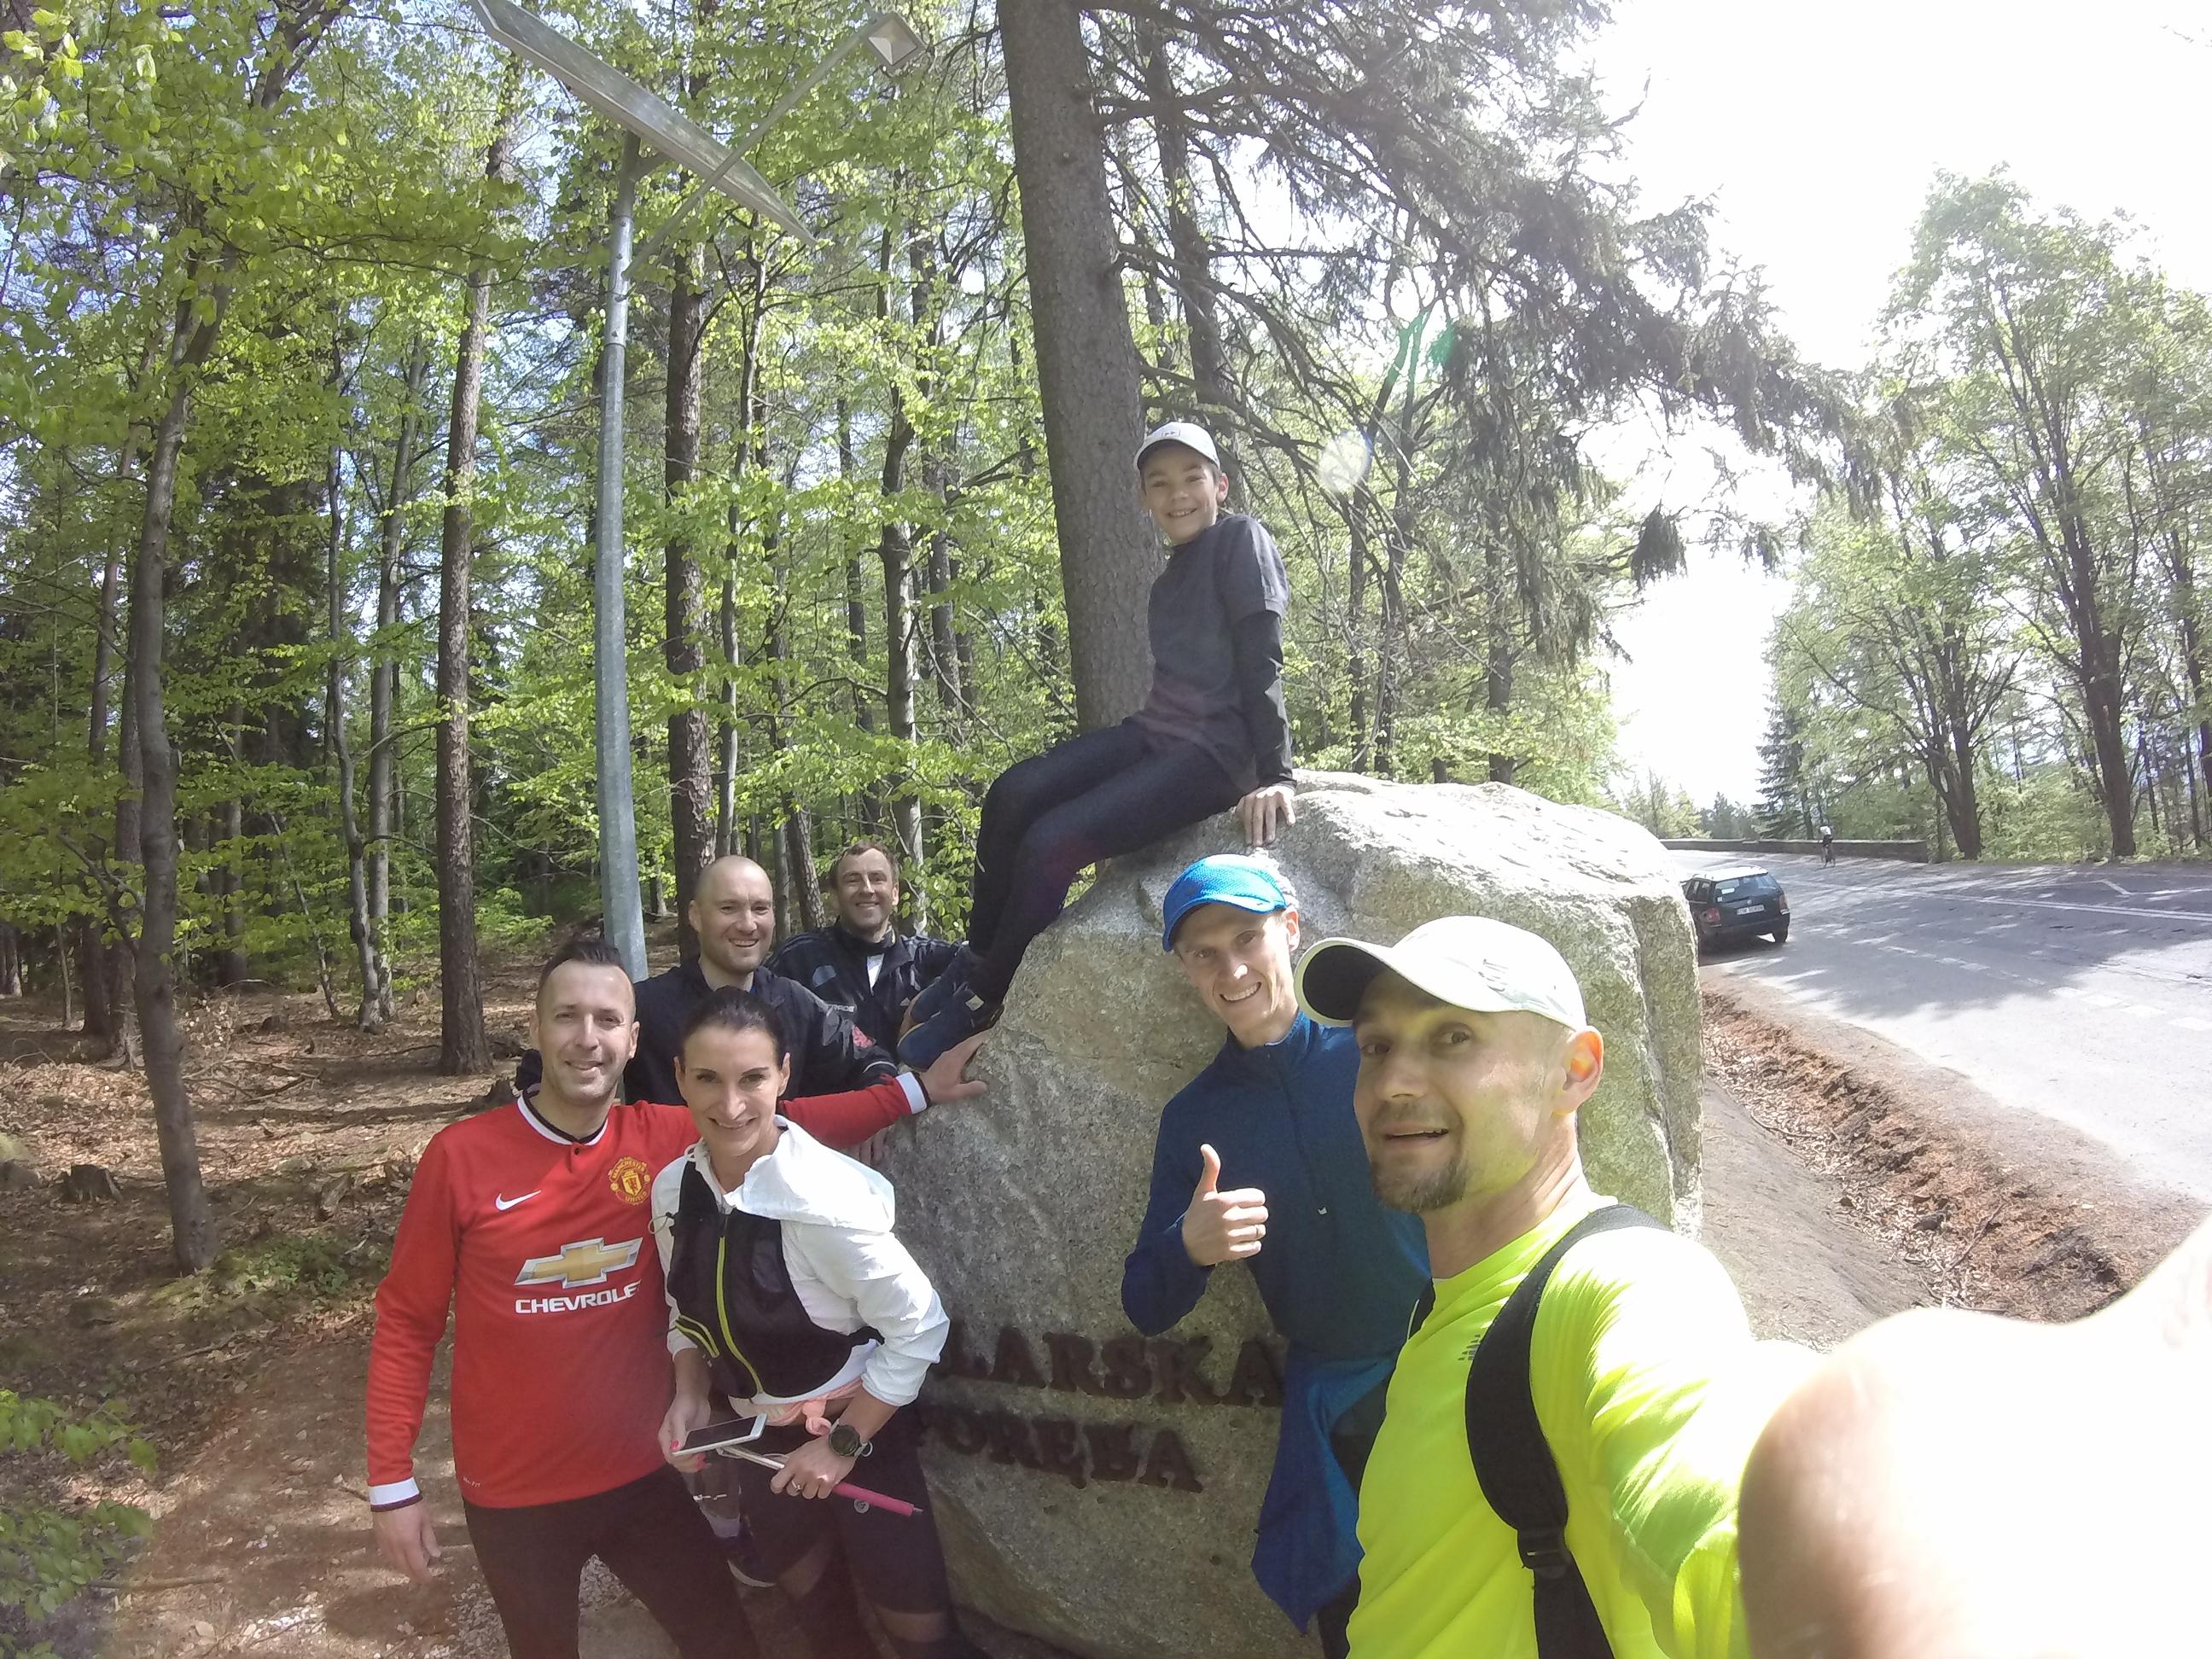 Obóz biegowy Szklarska Poręba maj 2018 - trener biegania Emil Dobrowolski